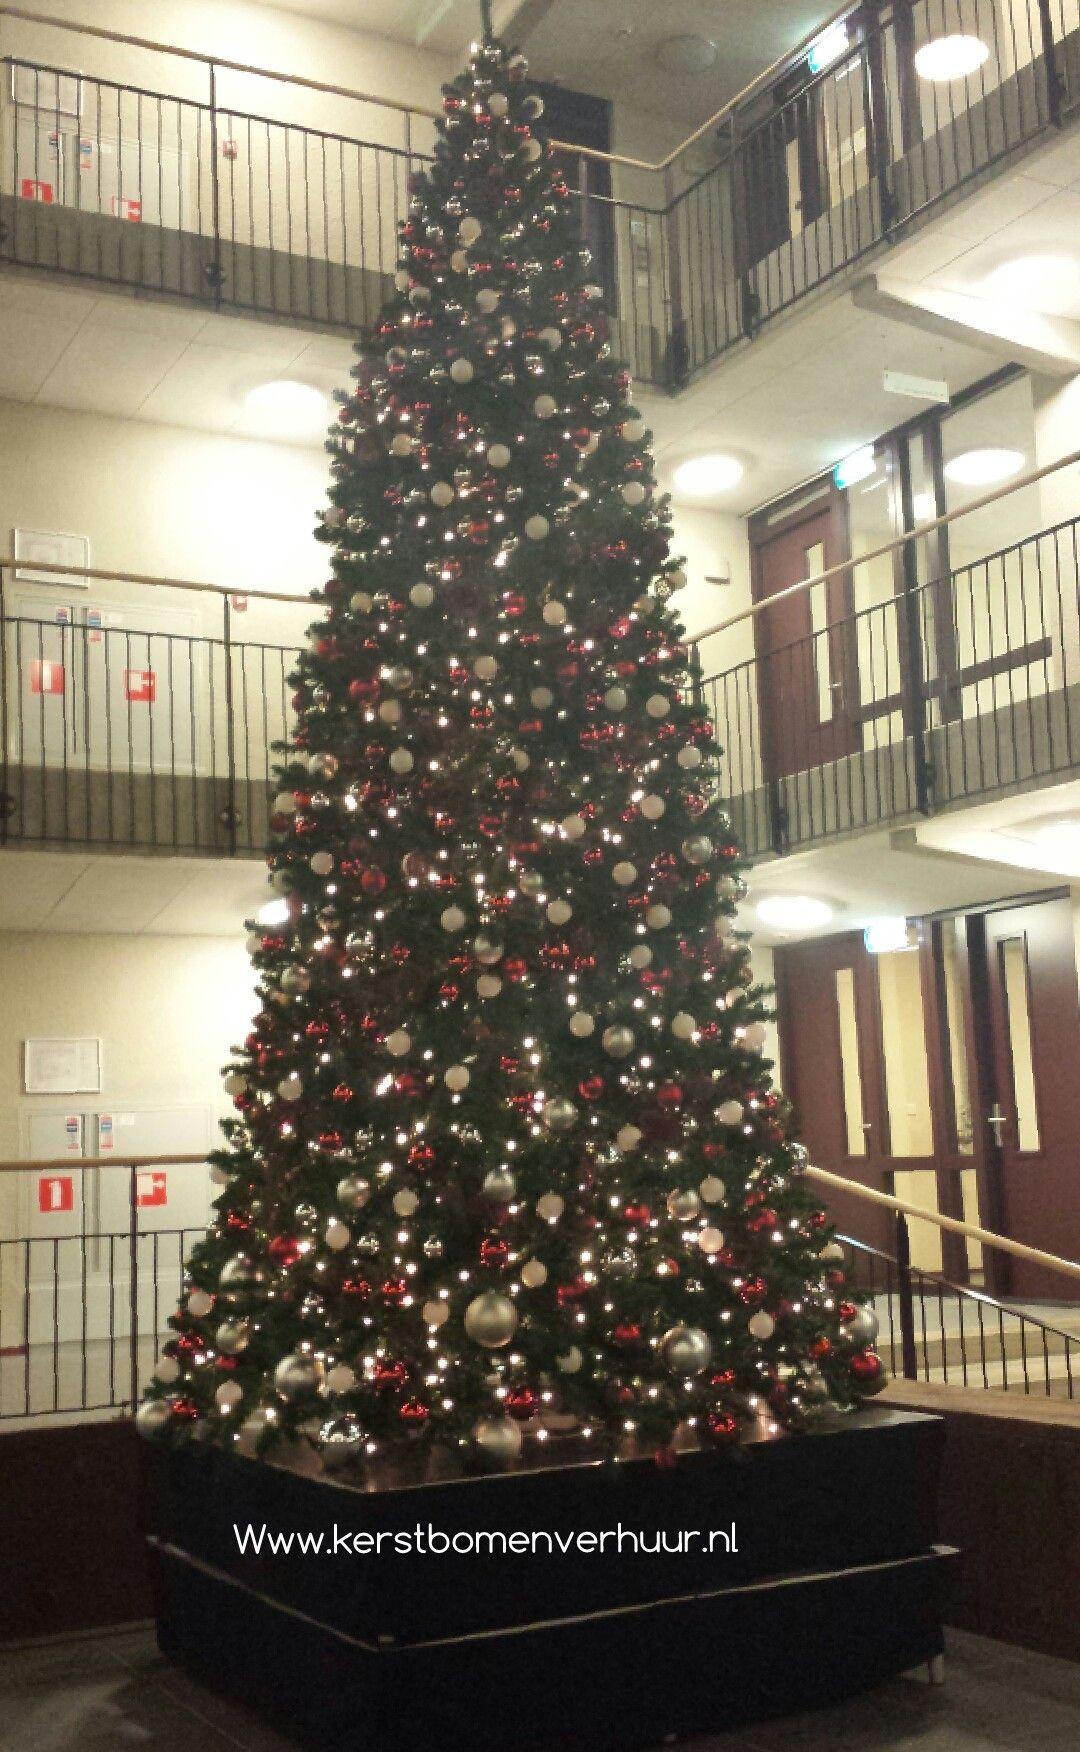 Kerstboom 5 Mtr Kleuren Decoratie Rood Zilver Wit Www Kerstbomenverhuur Nl Kerstboom Decoratie Kerst